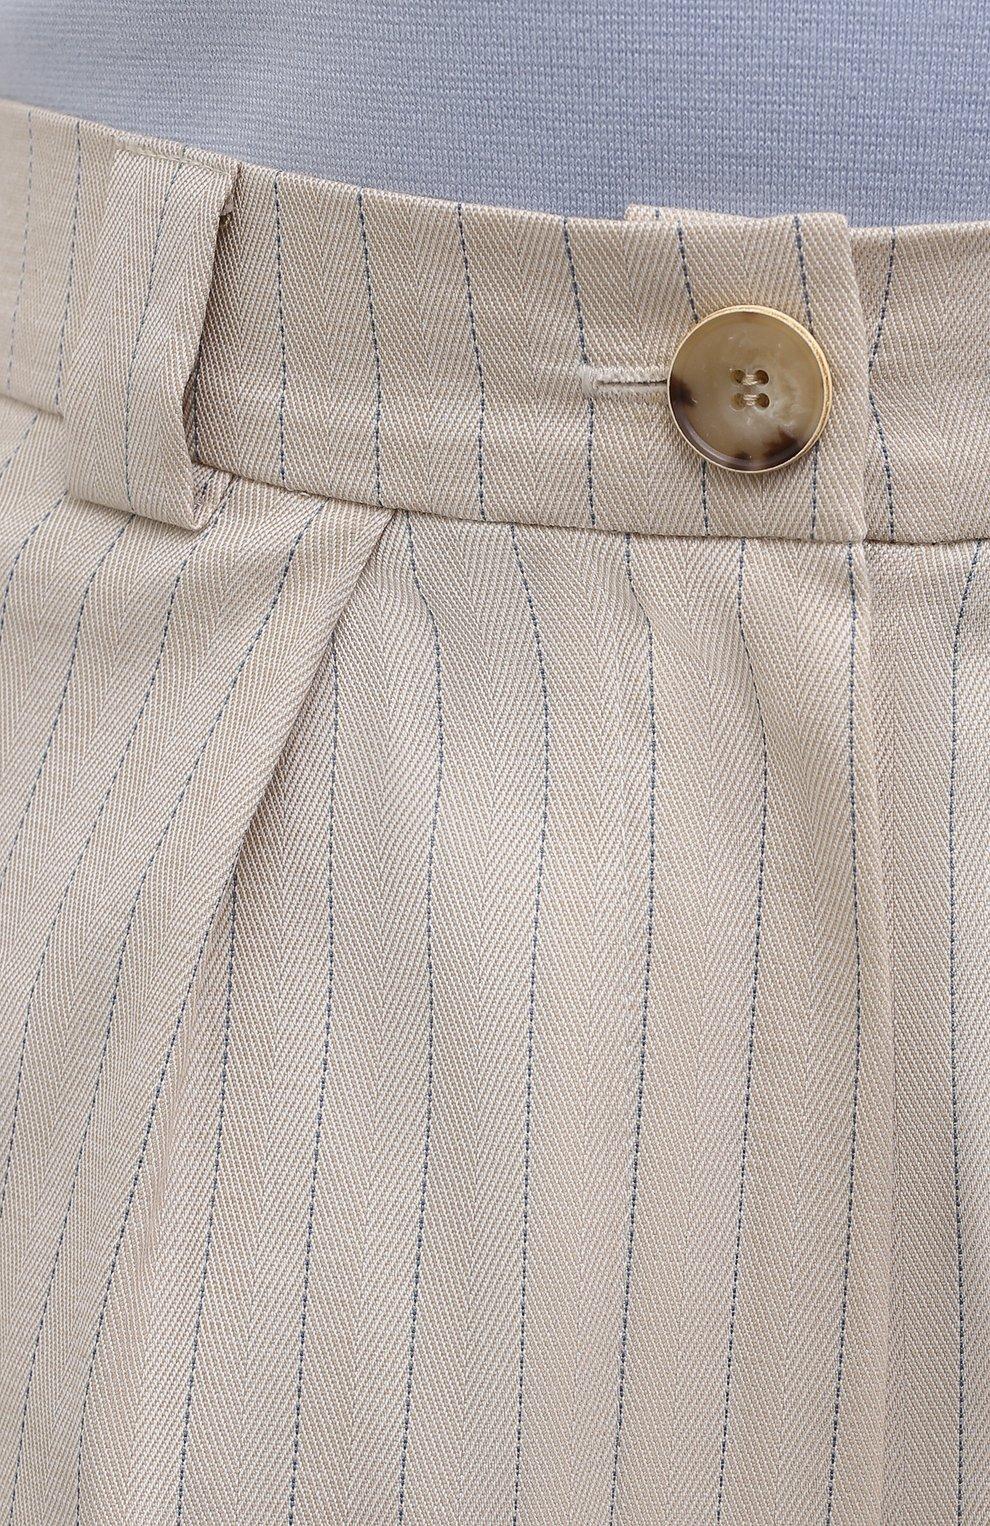 Женские хлопковые шорты LESYANEBO бежевого цвета, арт. SS21/Н-577 | Фото 5 (Кросс-КТ: Широкие; Материал внешний: Хлопок; Длина Ж (юбки, платья, шорты): Миди; Стили: Романтичный)